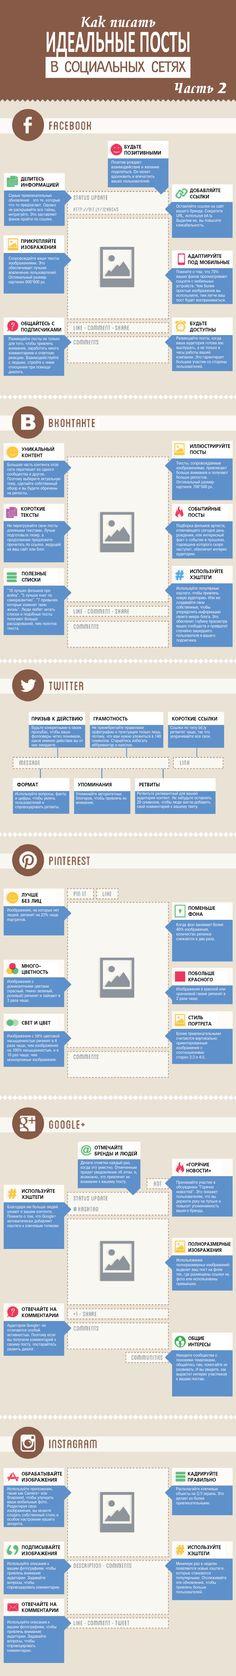 Как писать идеальные посты в социальных сетях?